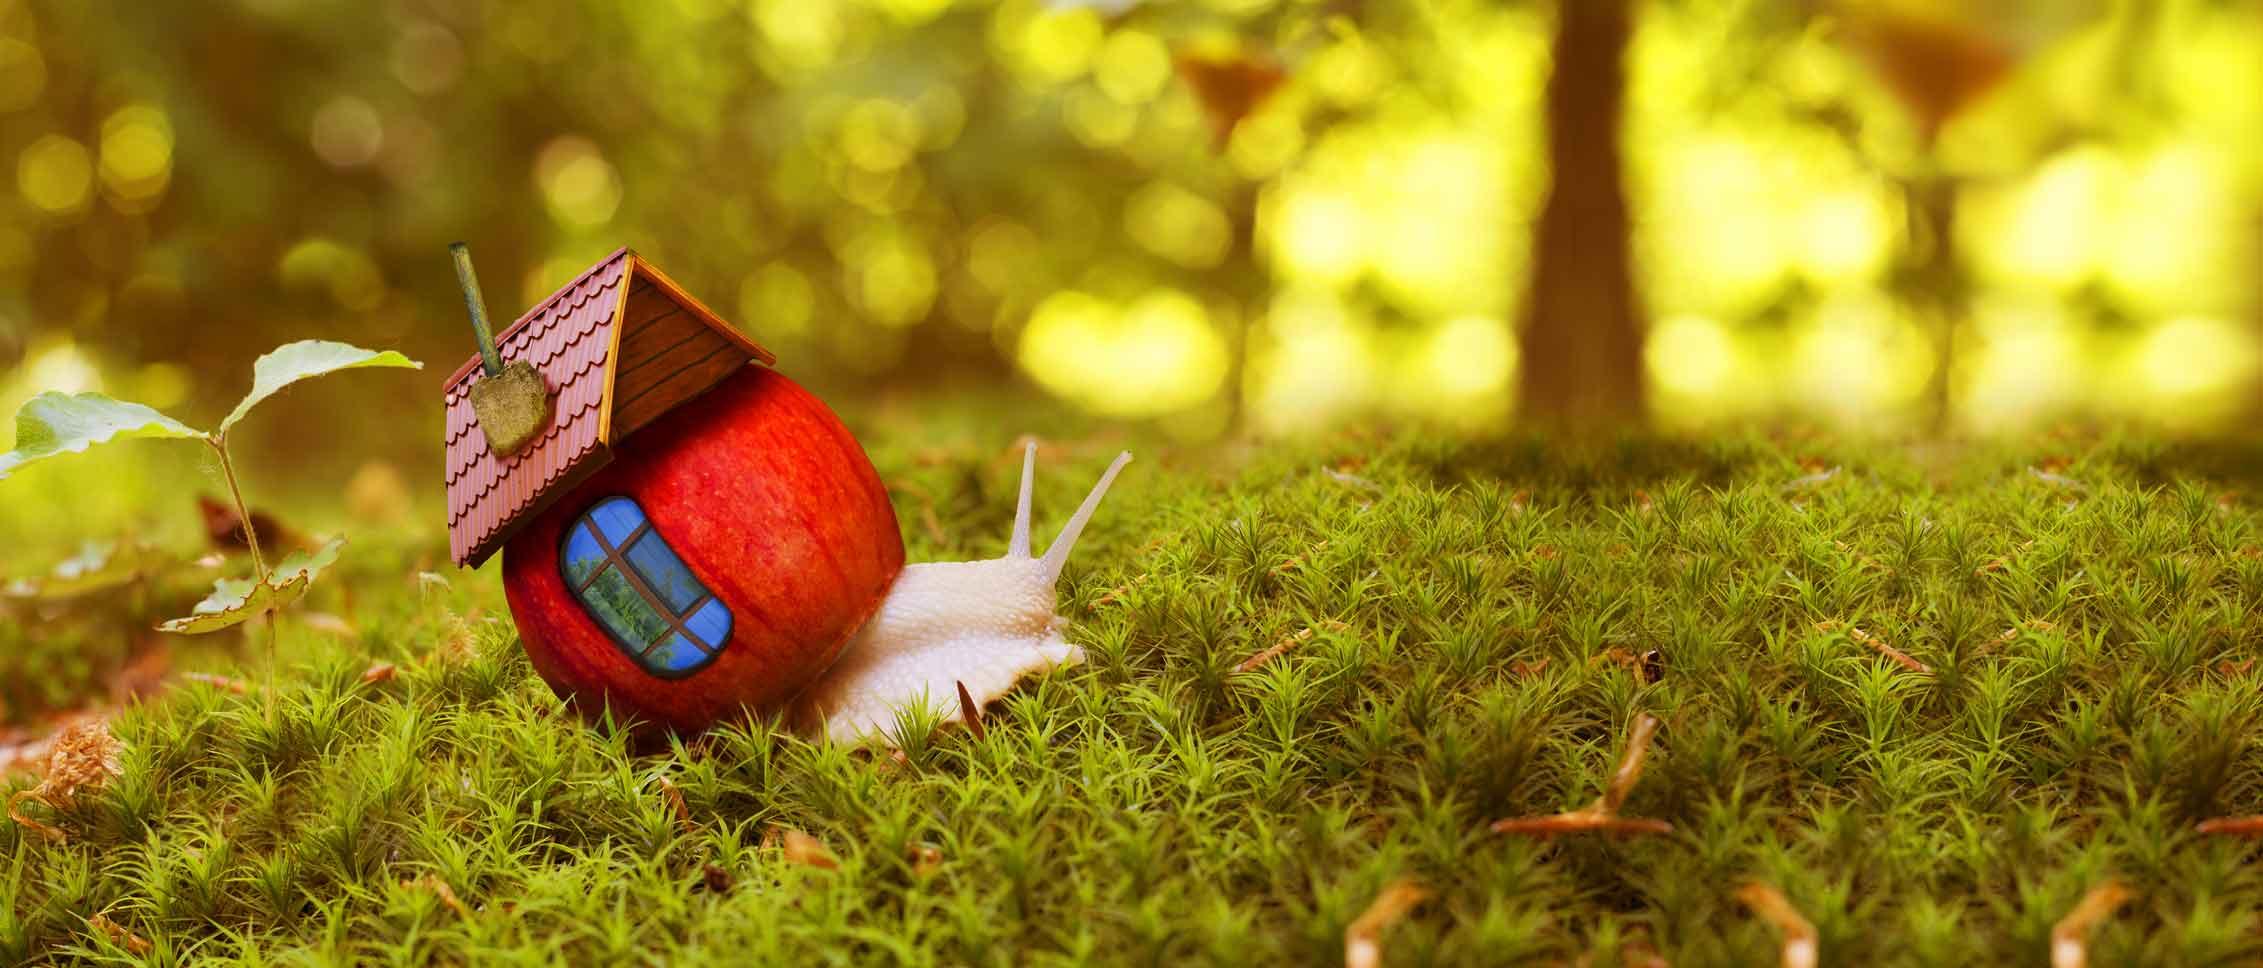 Schnecke mit ihrem Traumhaus